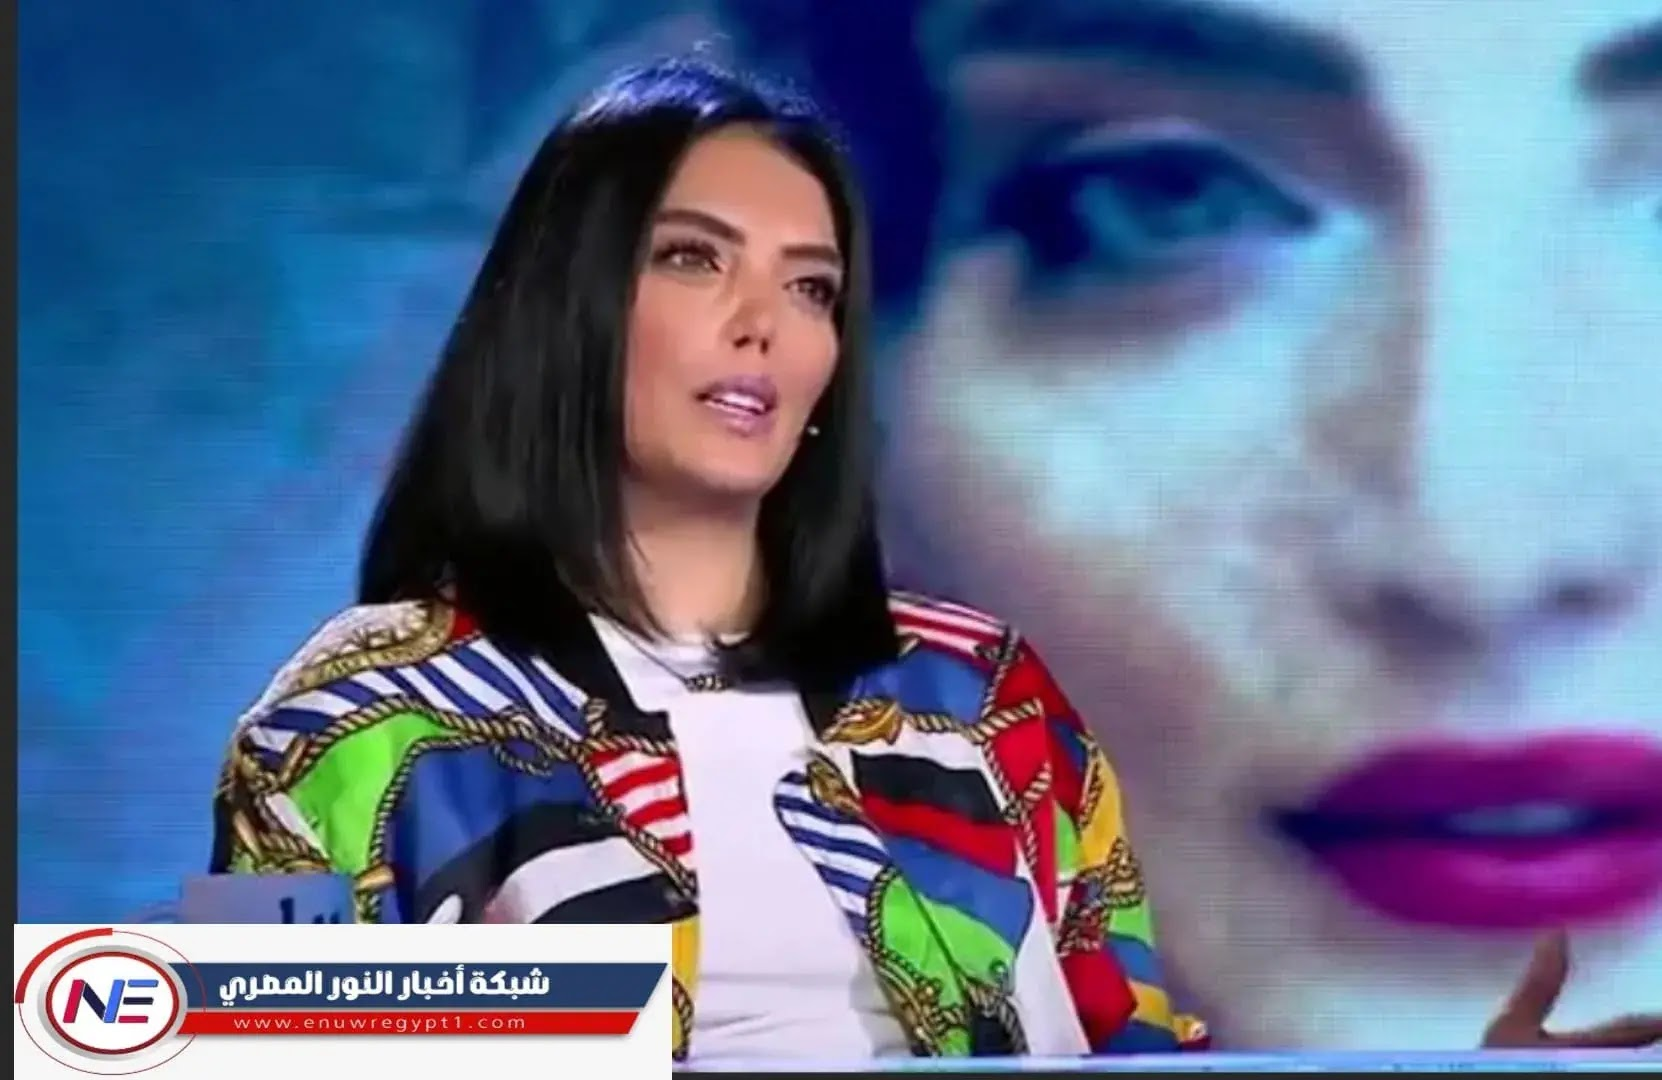 بالتفاصيل | حقيقة خبر وفاة الفنانة حورية فرغلي  | حورية ترد علي خبر شائعة وفاتها